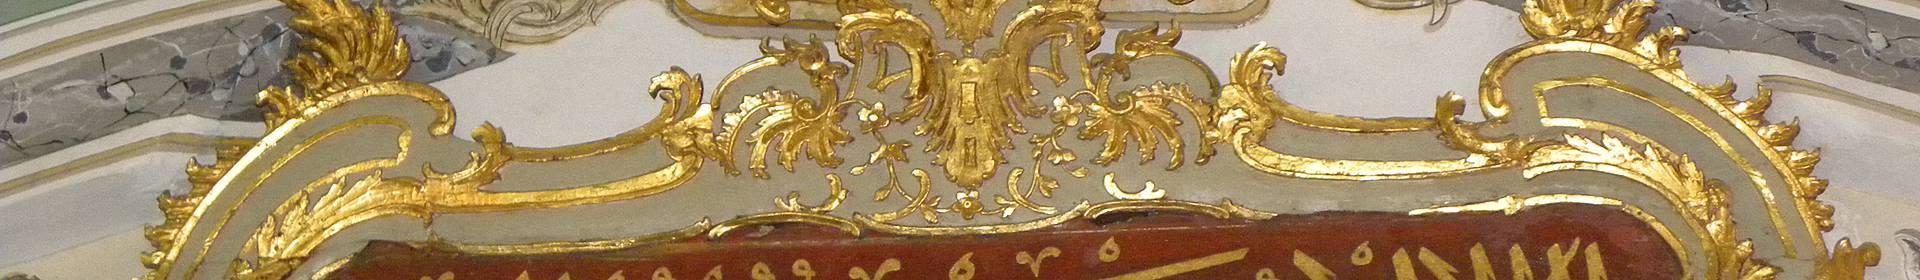 Palacio de Topkapı